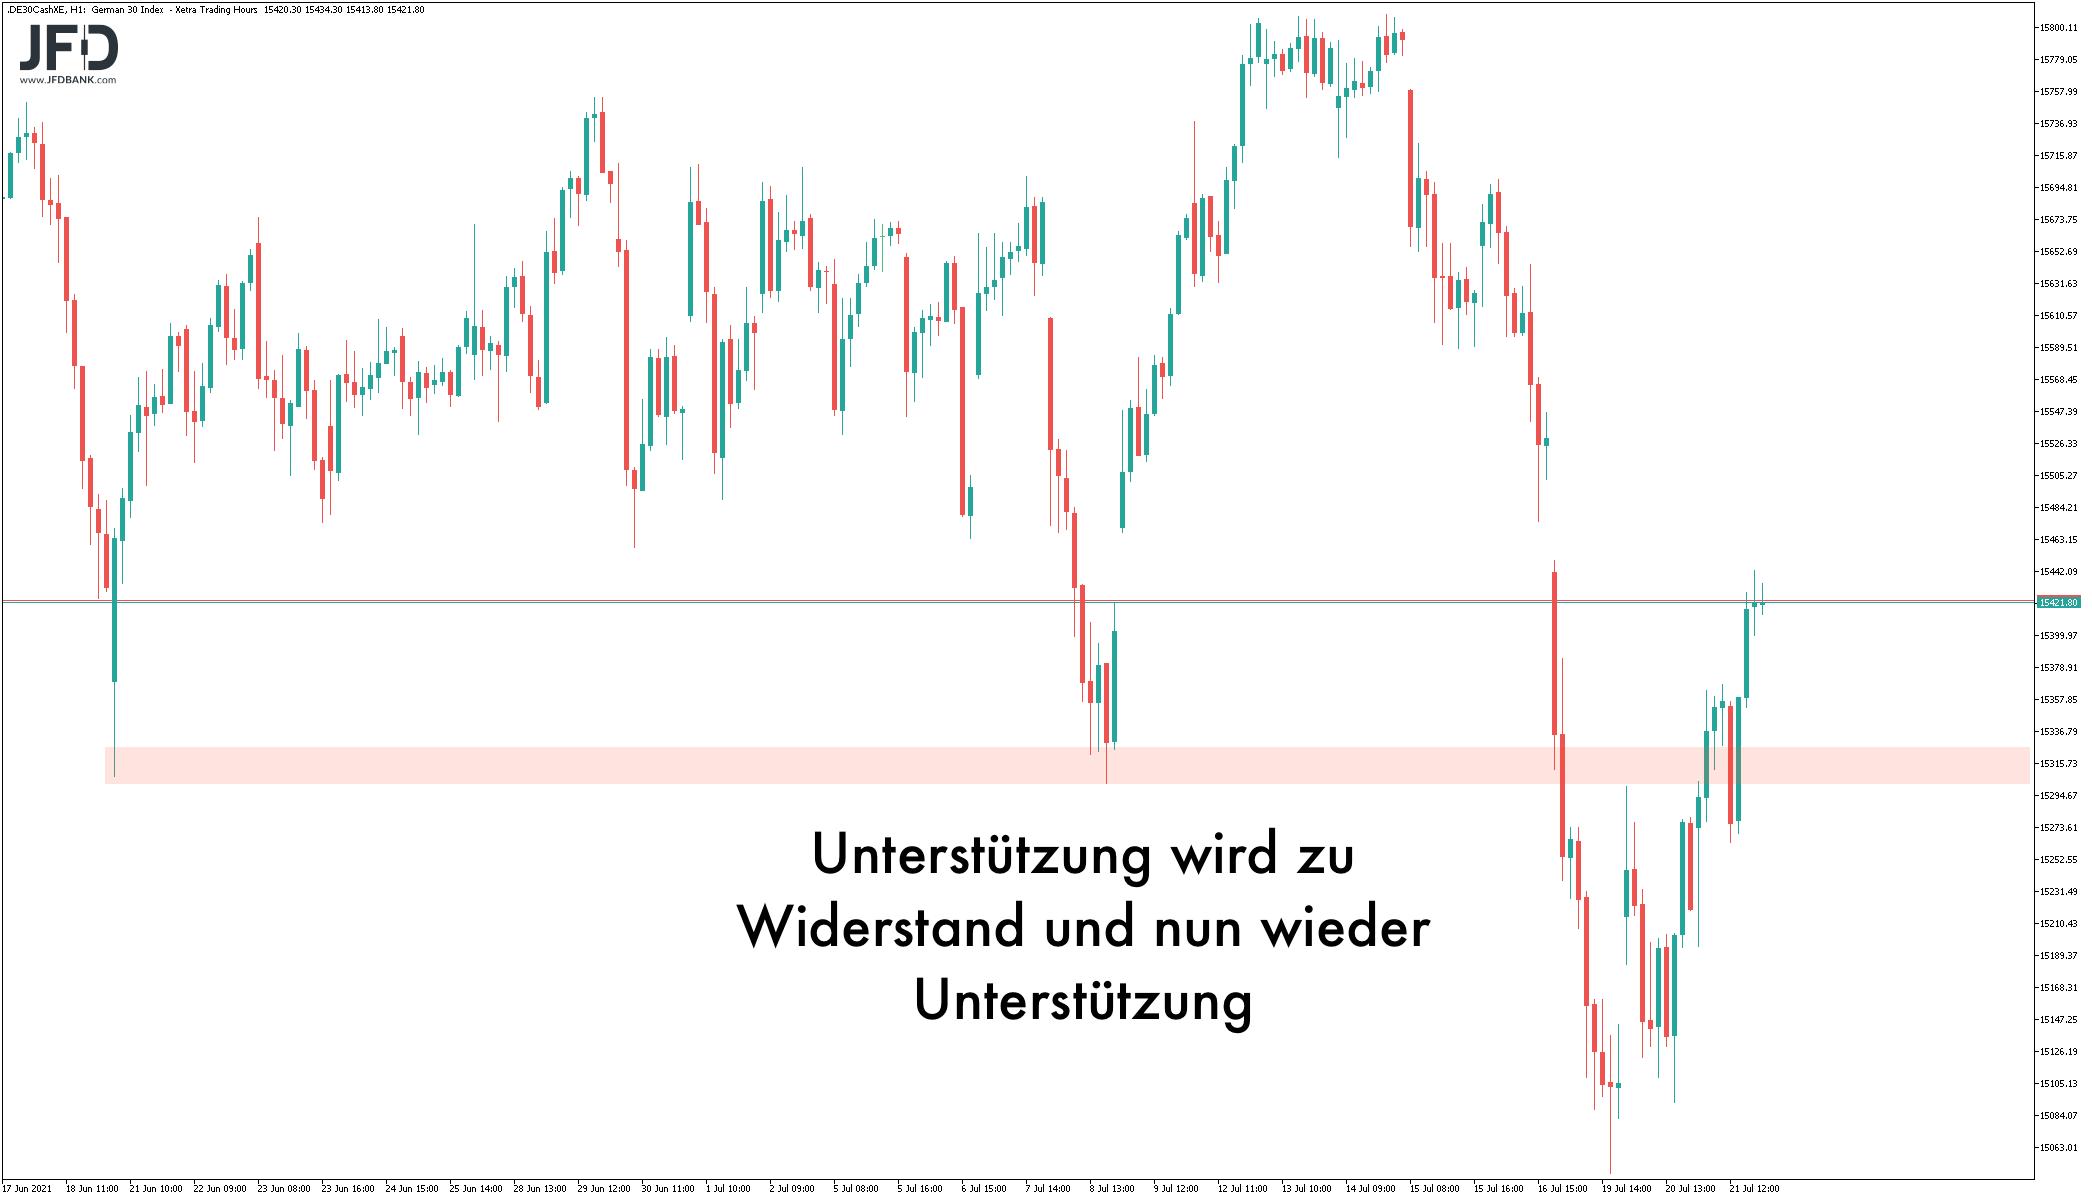 EZB-Sitzung-im-DAX-voraus-Auf-diese-Marken-achten-Trader-Kommentar-JFD-Bank-GodmodeTrader.de-2